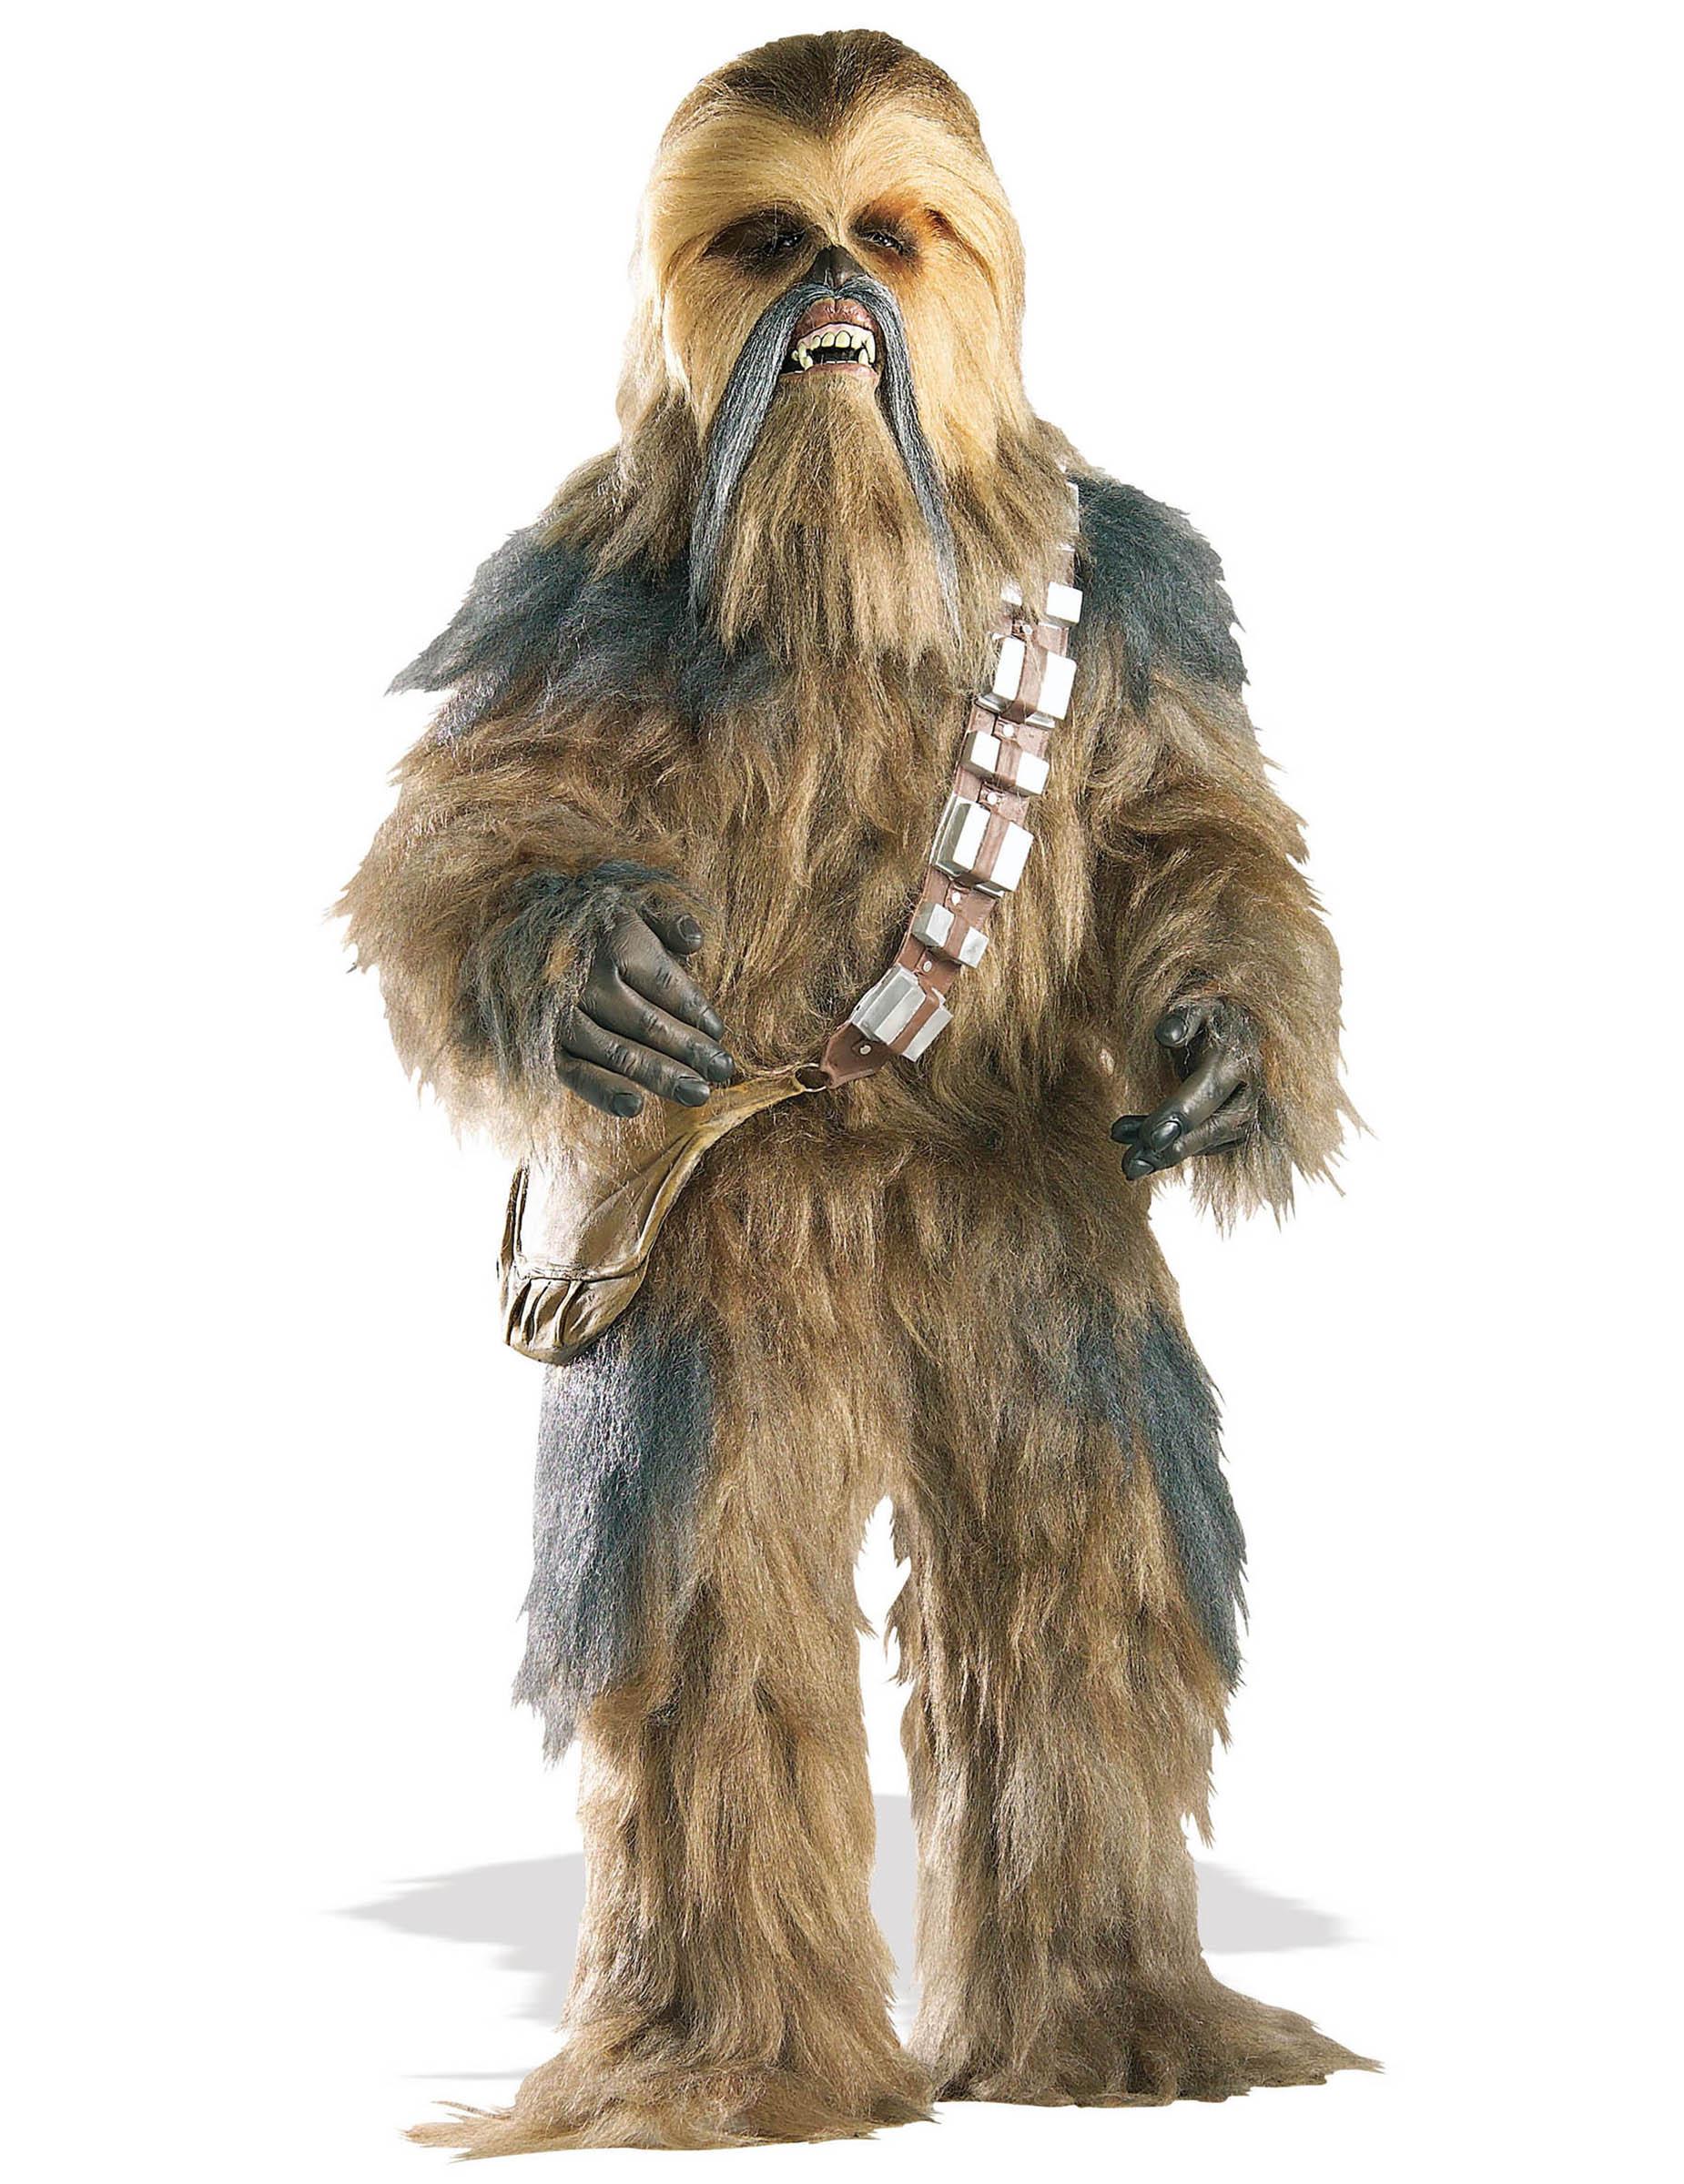 Chewbacca-Kostüm für Erwachsene Star Wars - M / L 14186